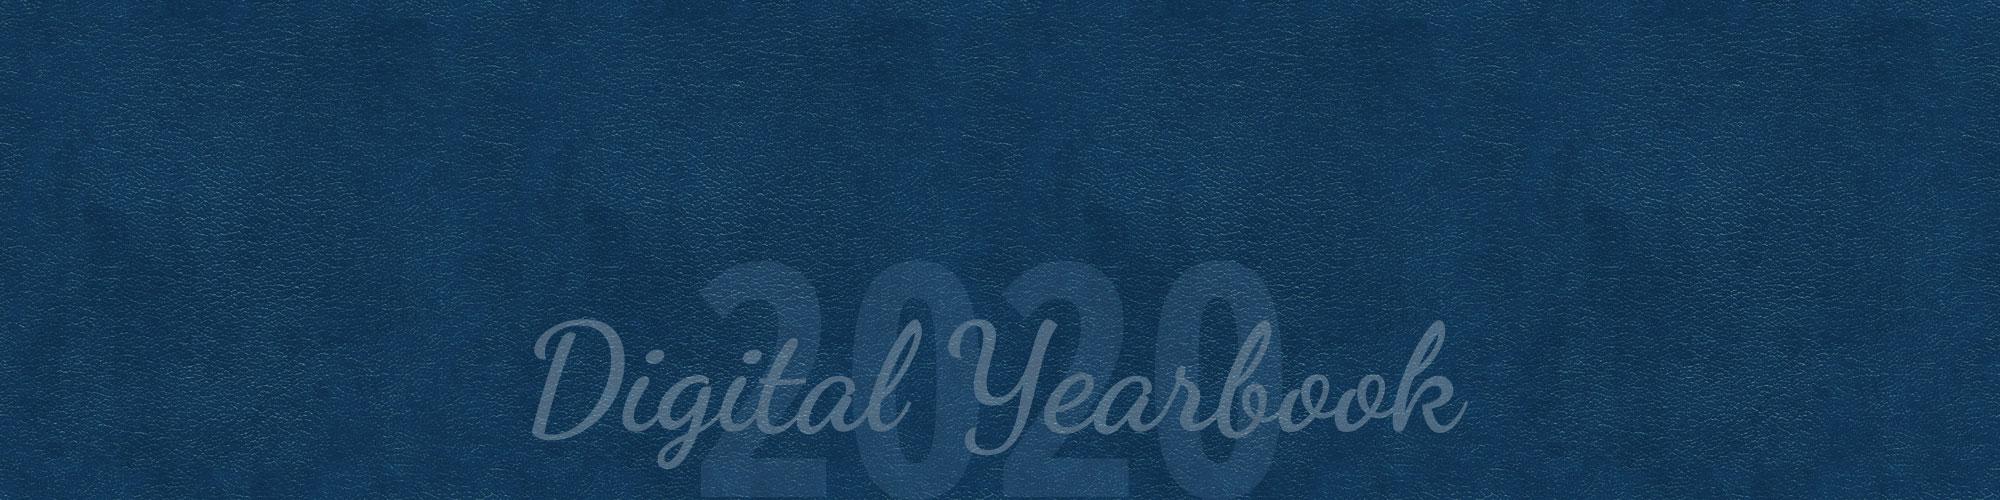 2020 Digital Yearbook